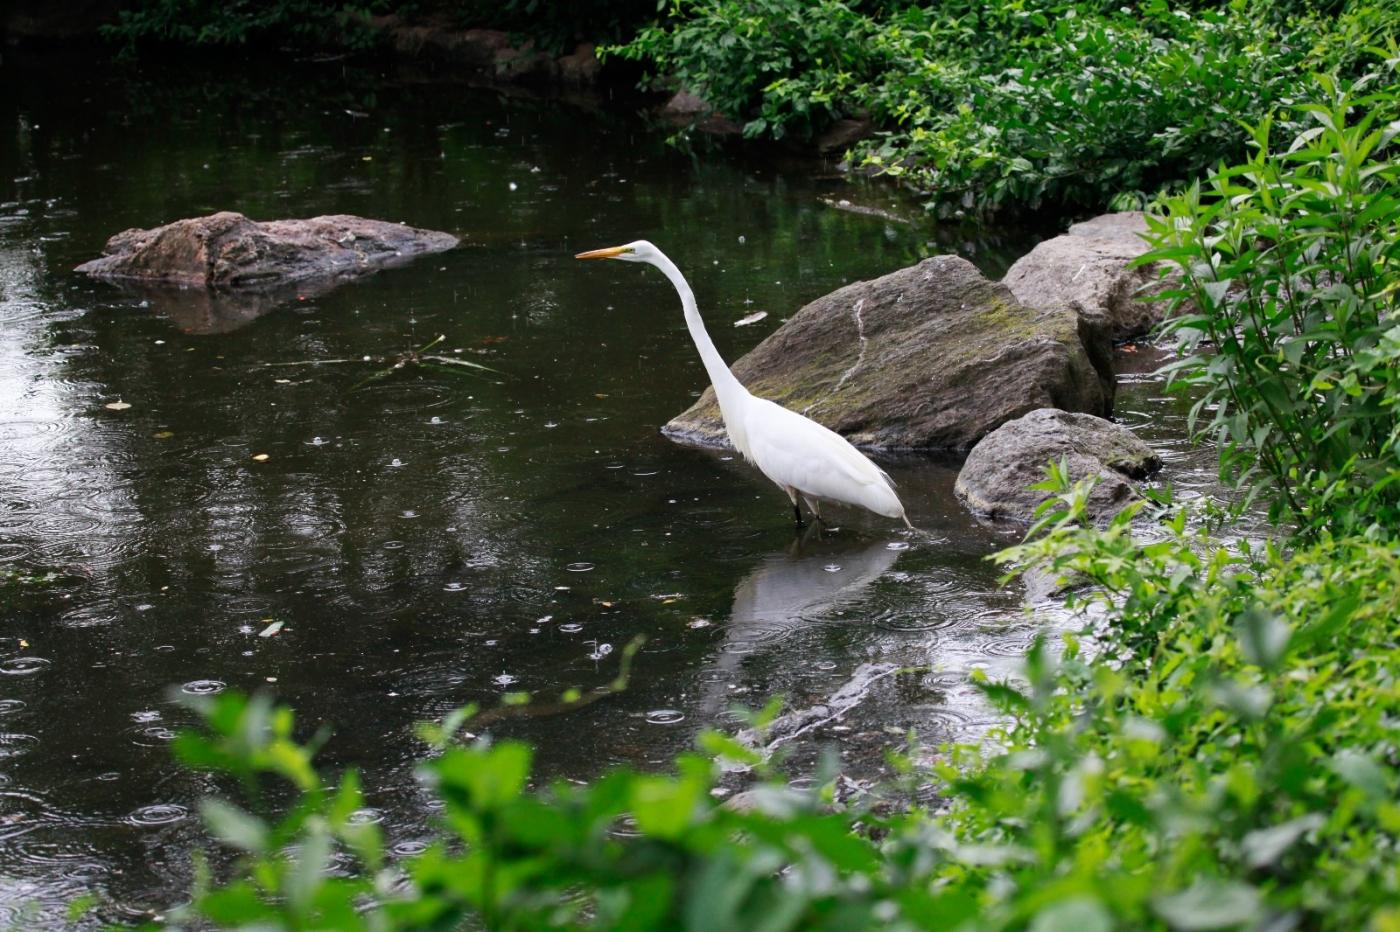 中央公园的白鹭,姿态优美,游客喜爱_图1-7